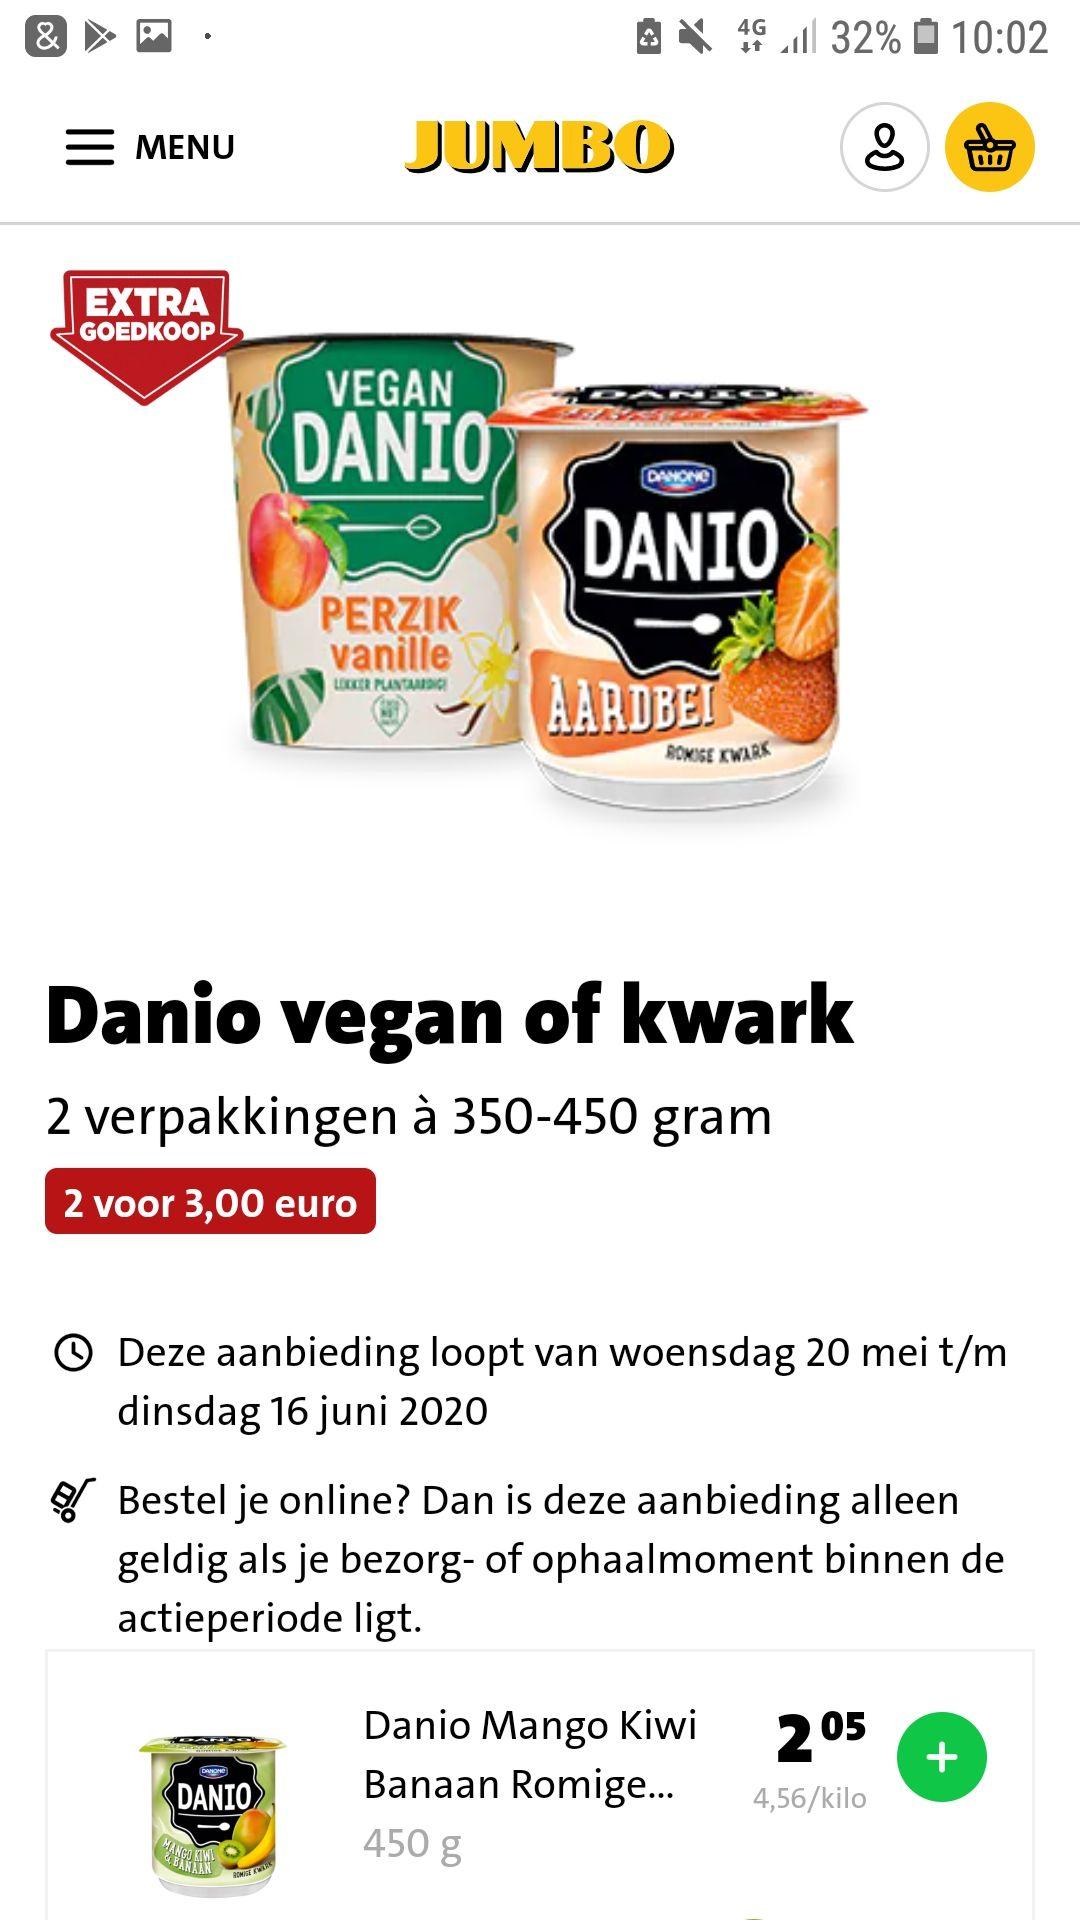 Danio vegan kwark 2 voor €3.- Jumbo